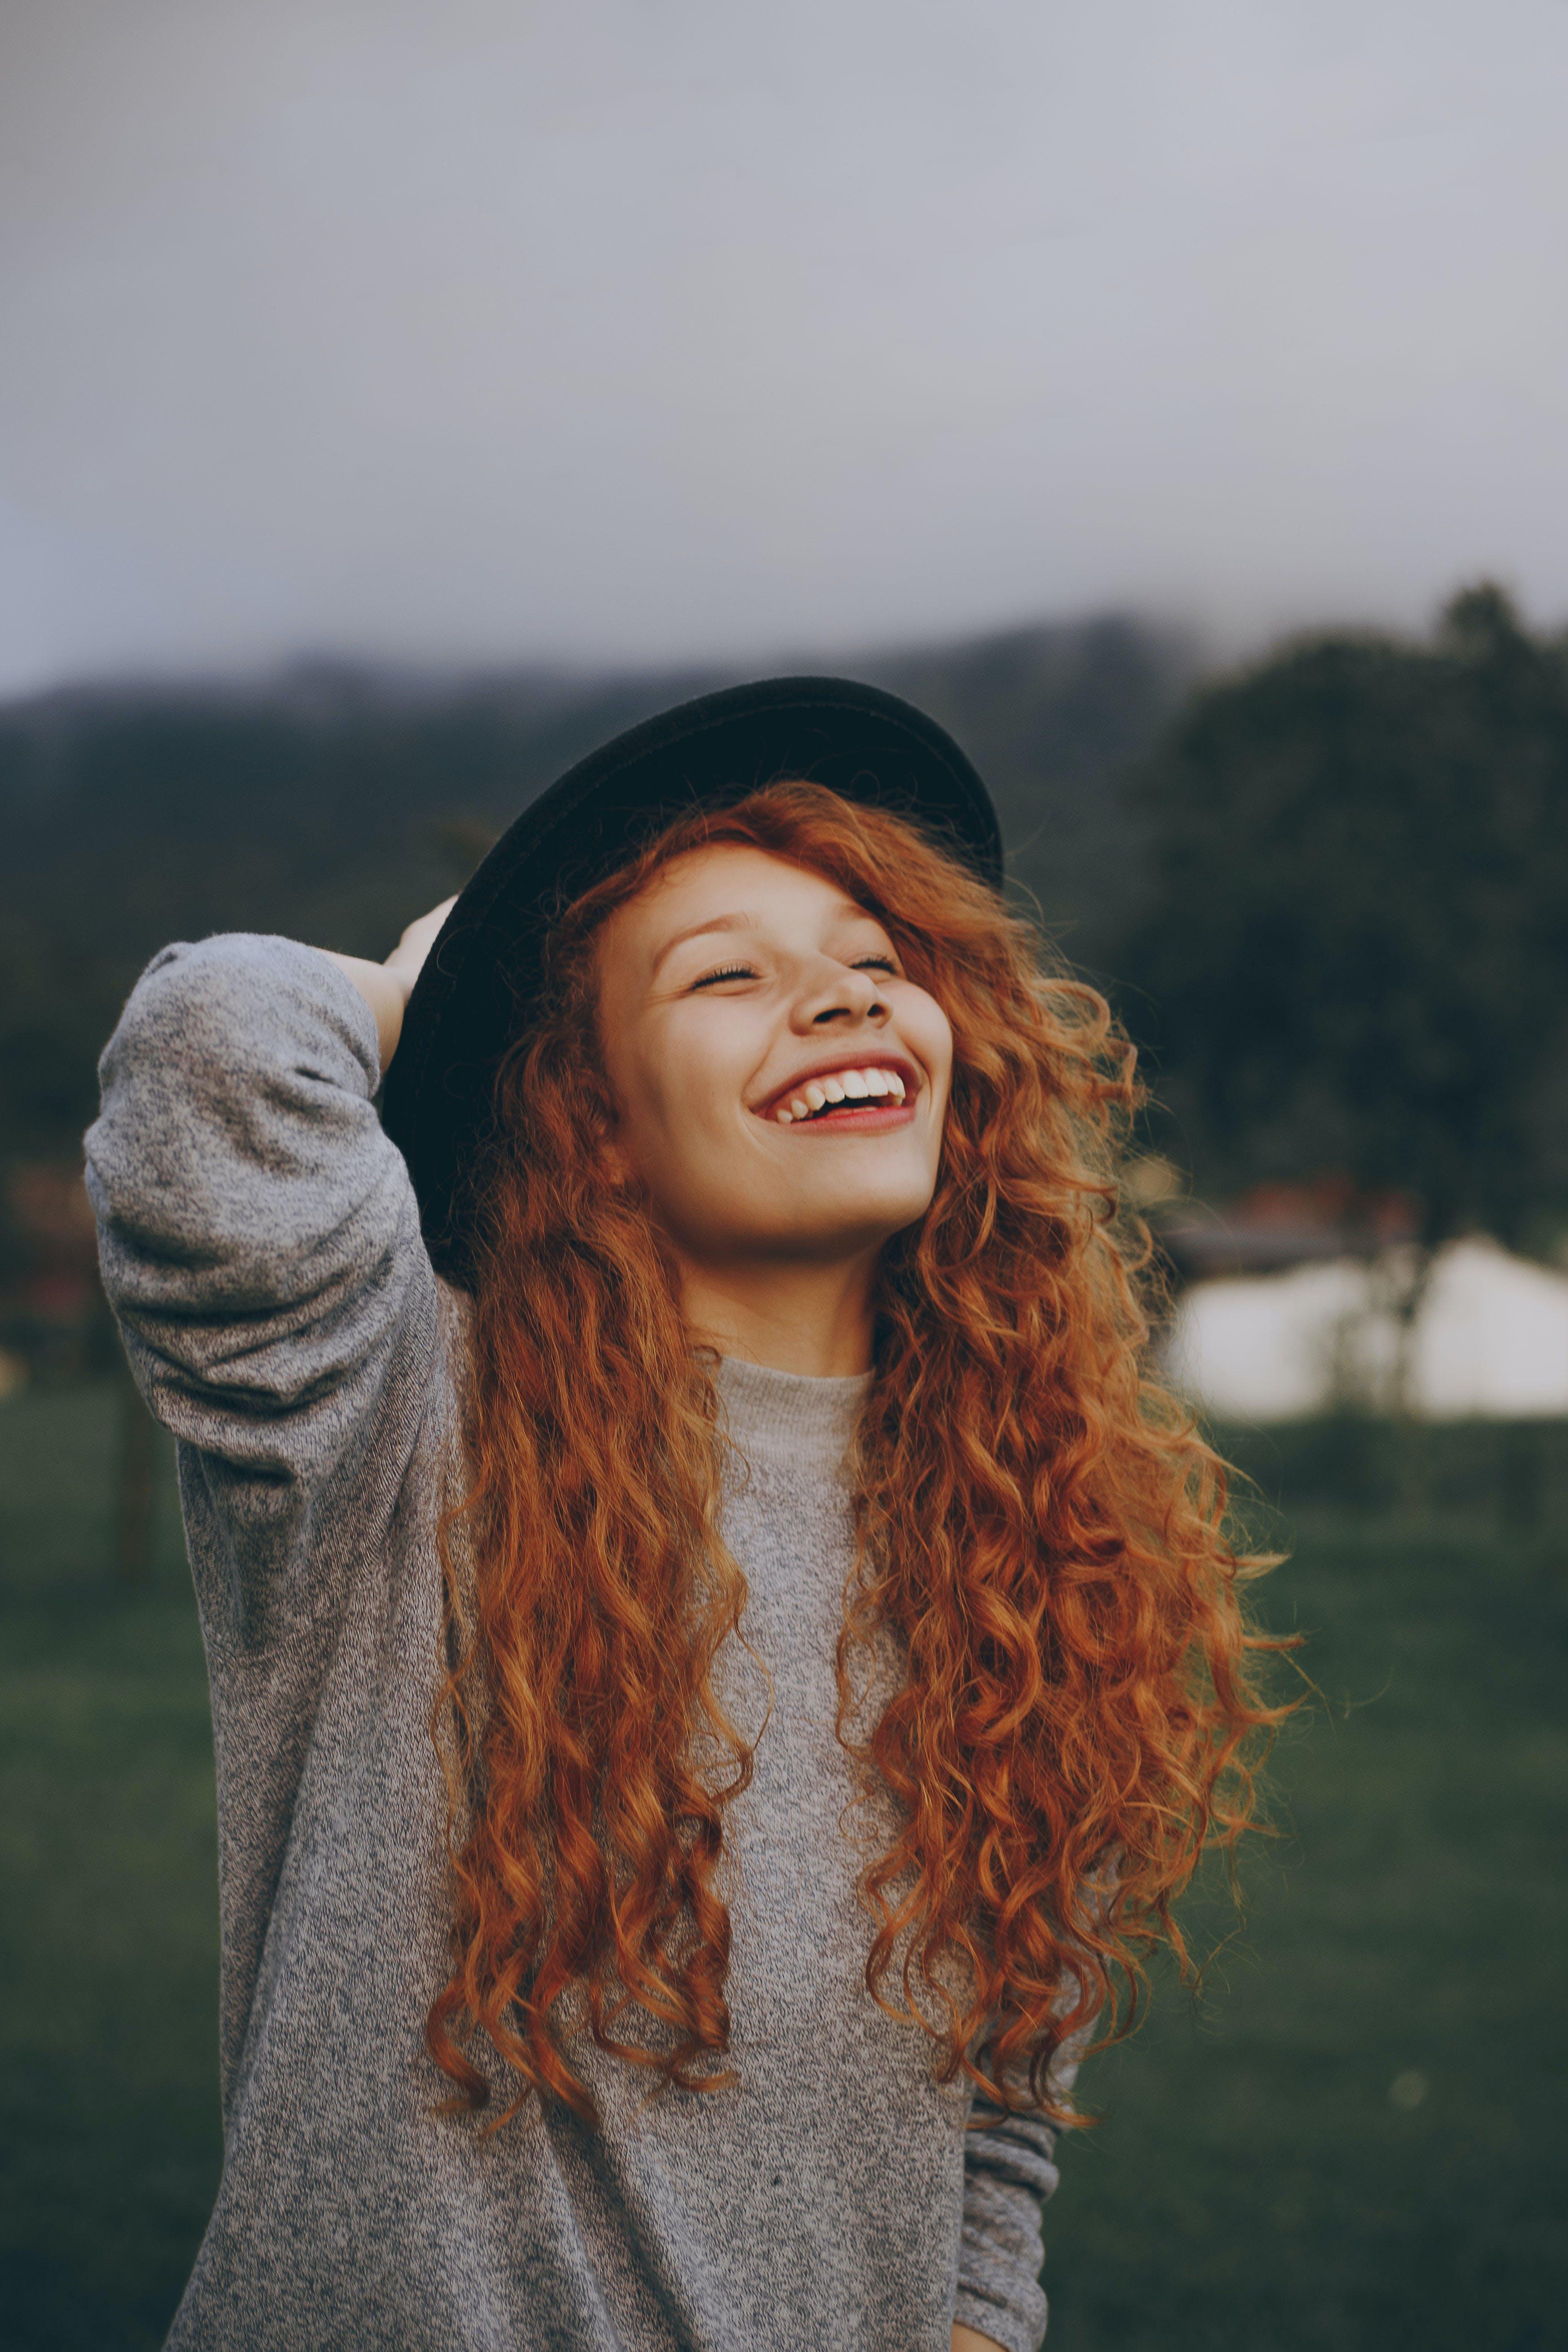 女人, 快樂, 時尚, 漂亮 的 免费素材照片